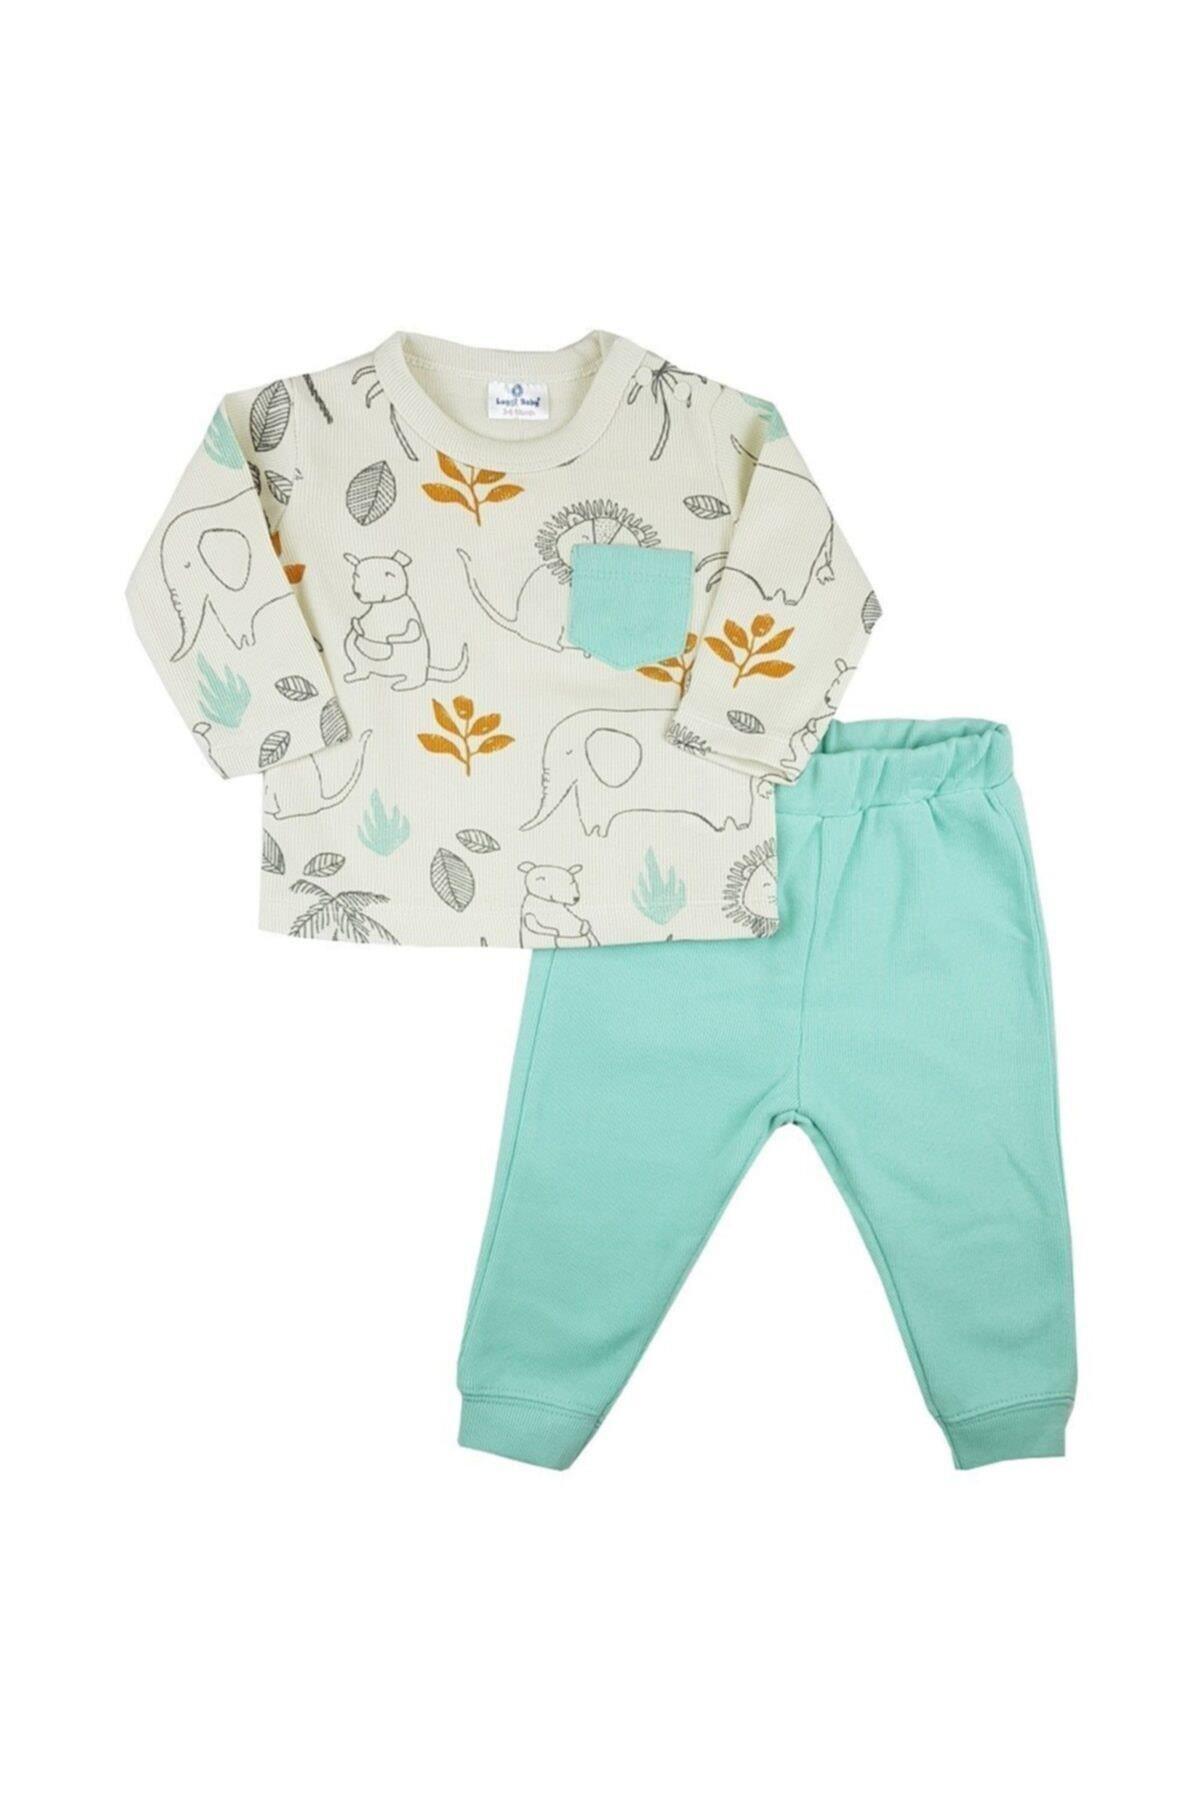 Luggi Baby Selanik Bebe Takım LG-6106 Karışık Renkli